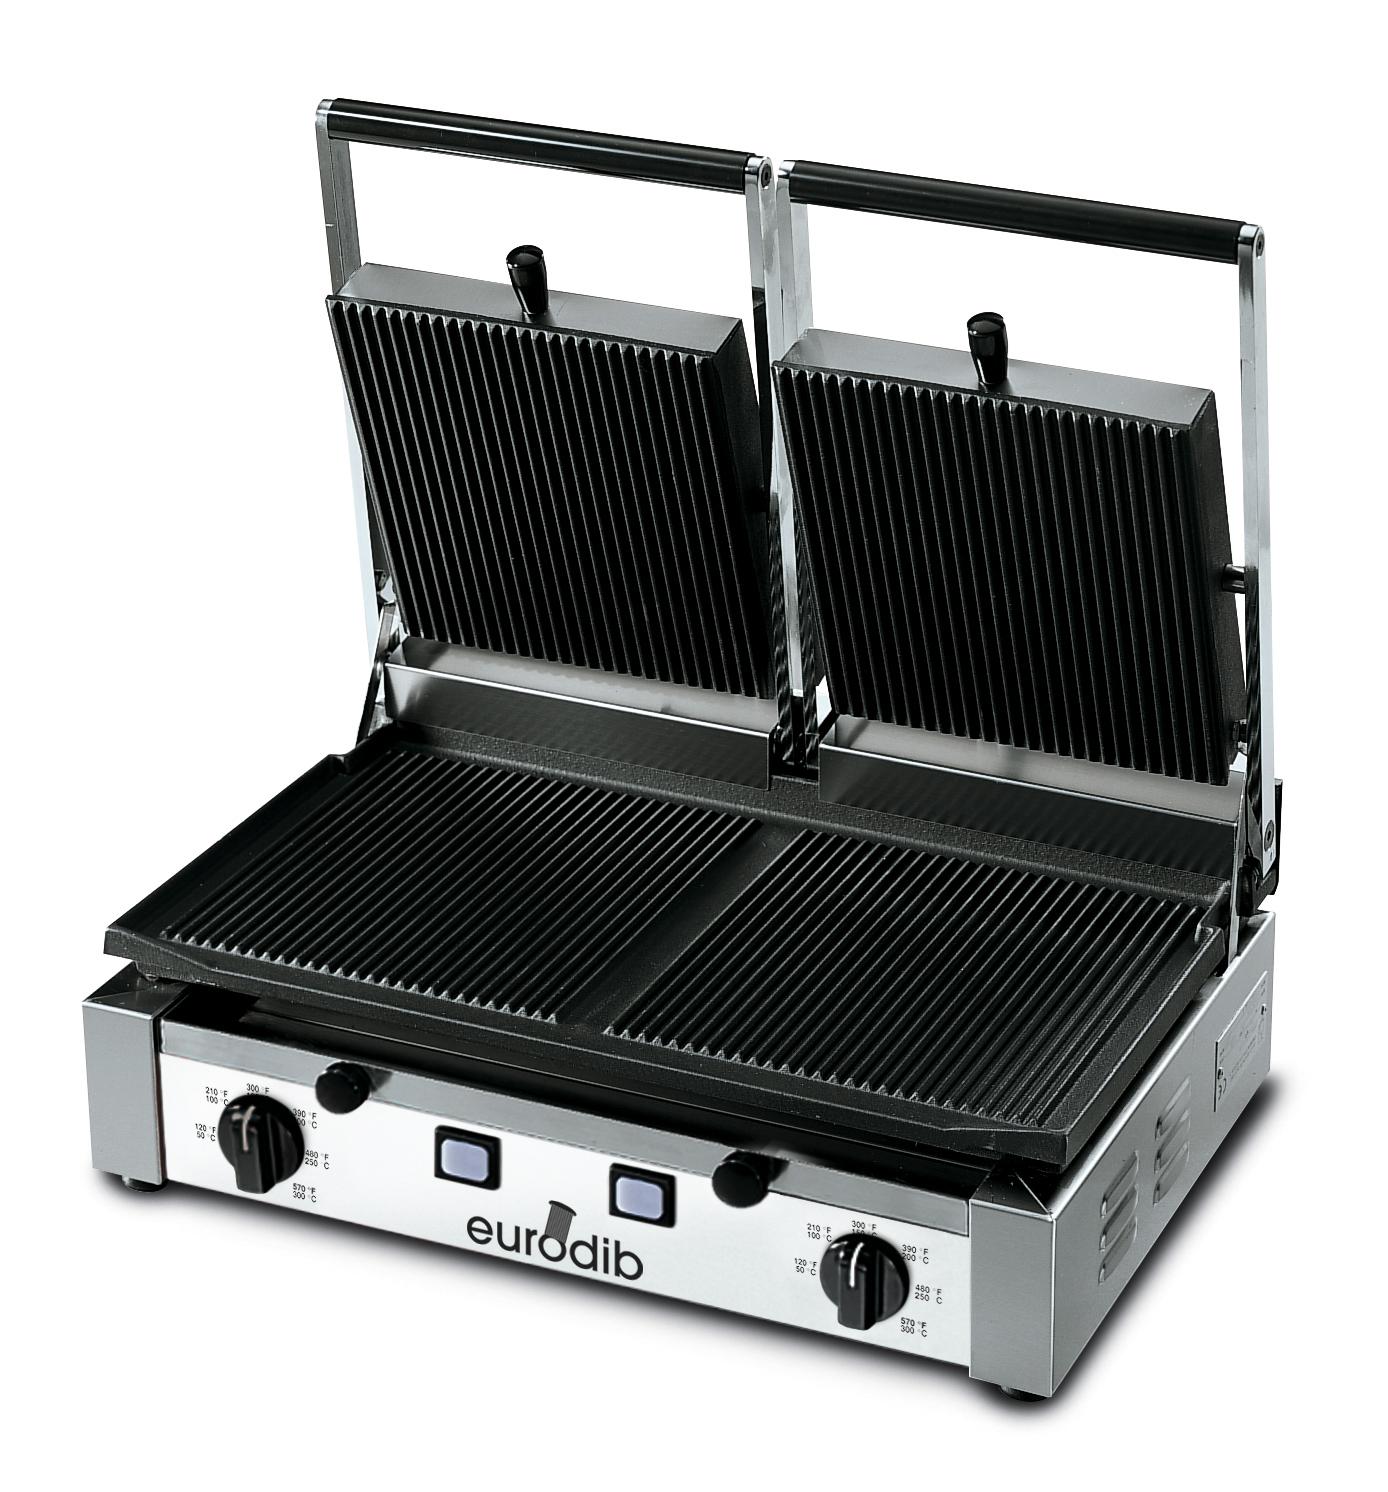 Eurodib USA PDL3000 panini grills